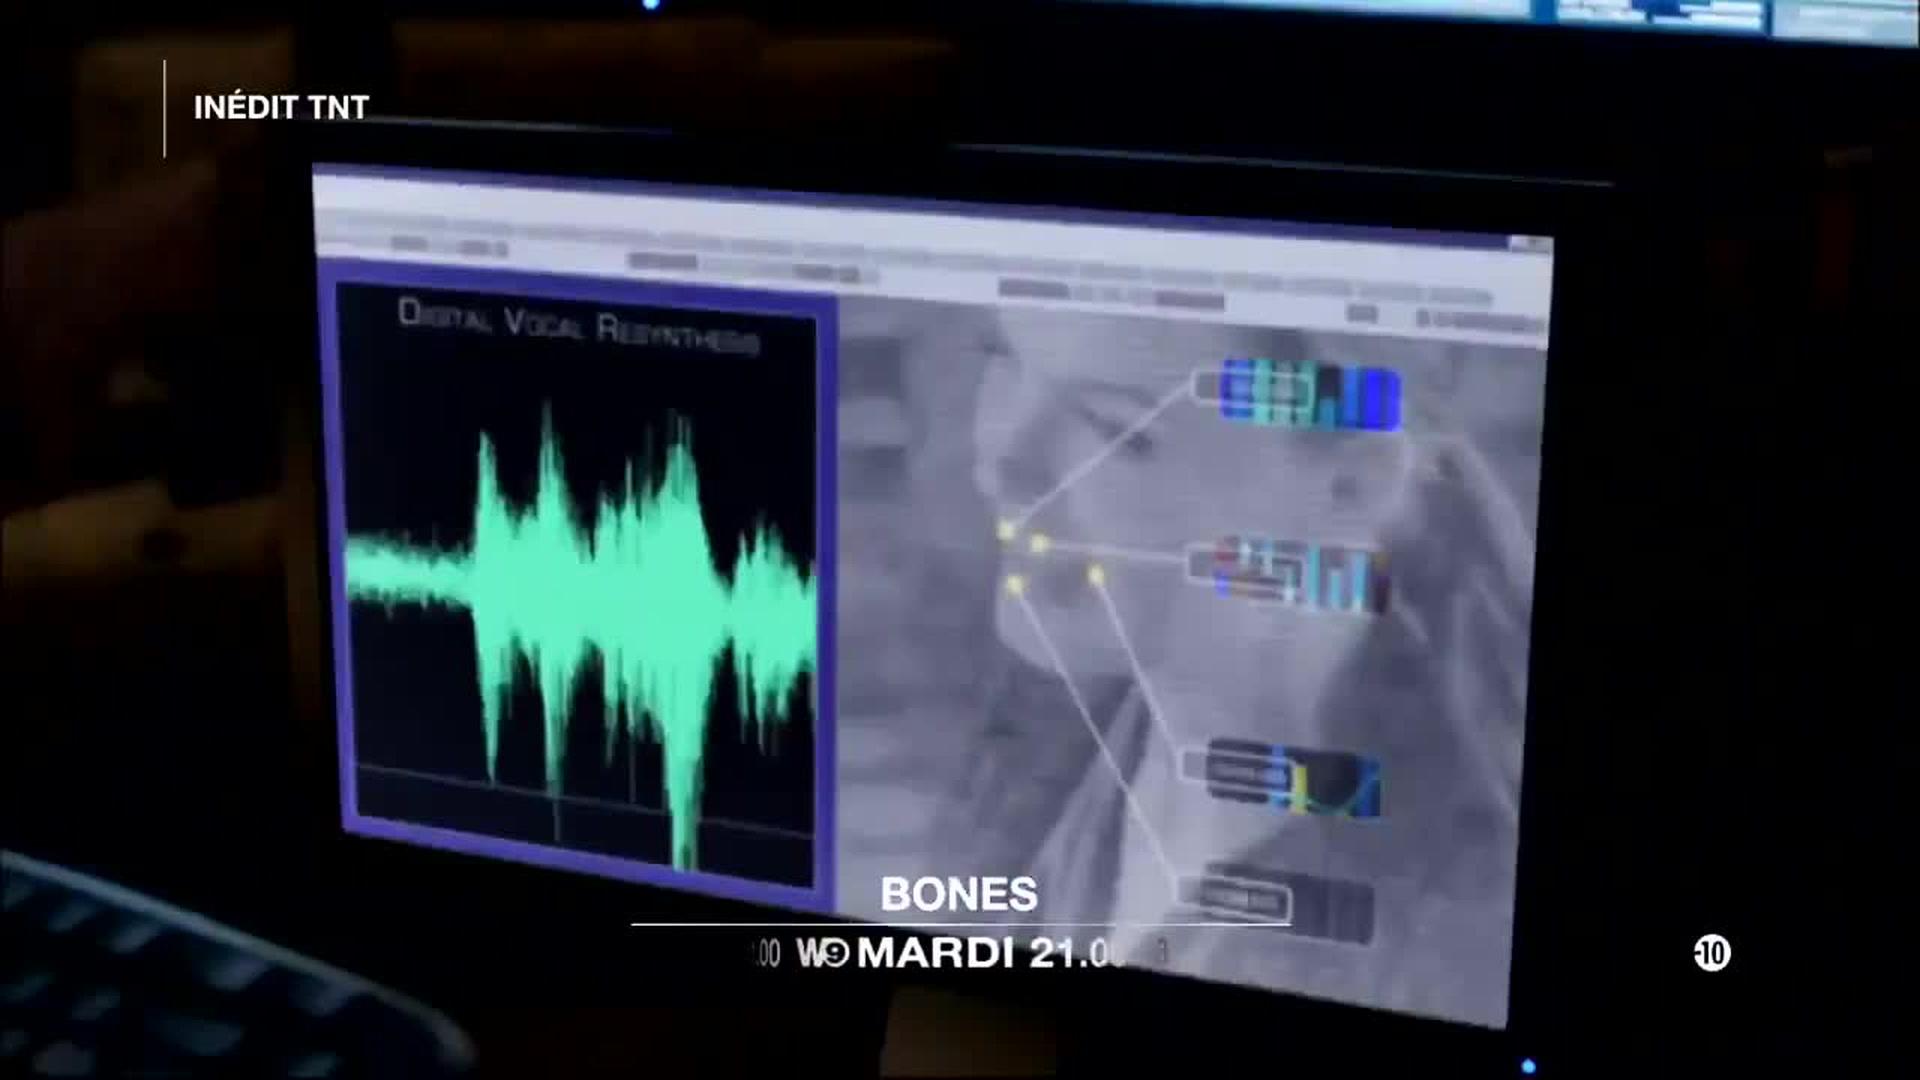 Bones : Le maître du jeu